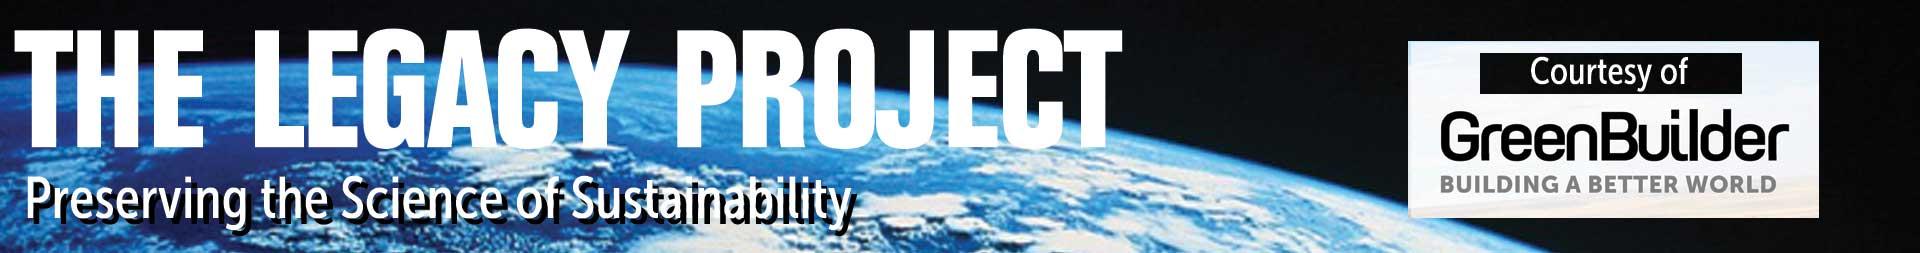 GB-LegacyProject.jpg